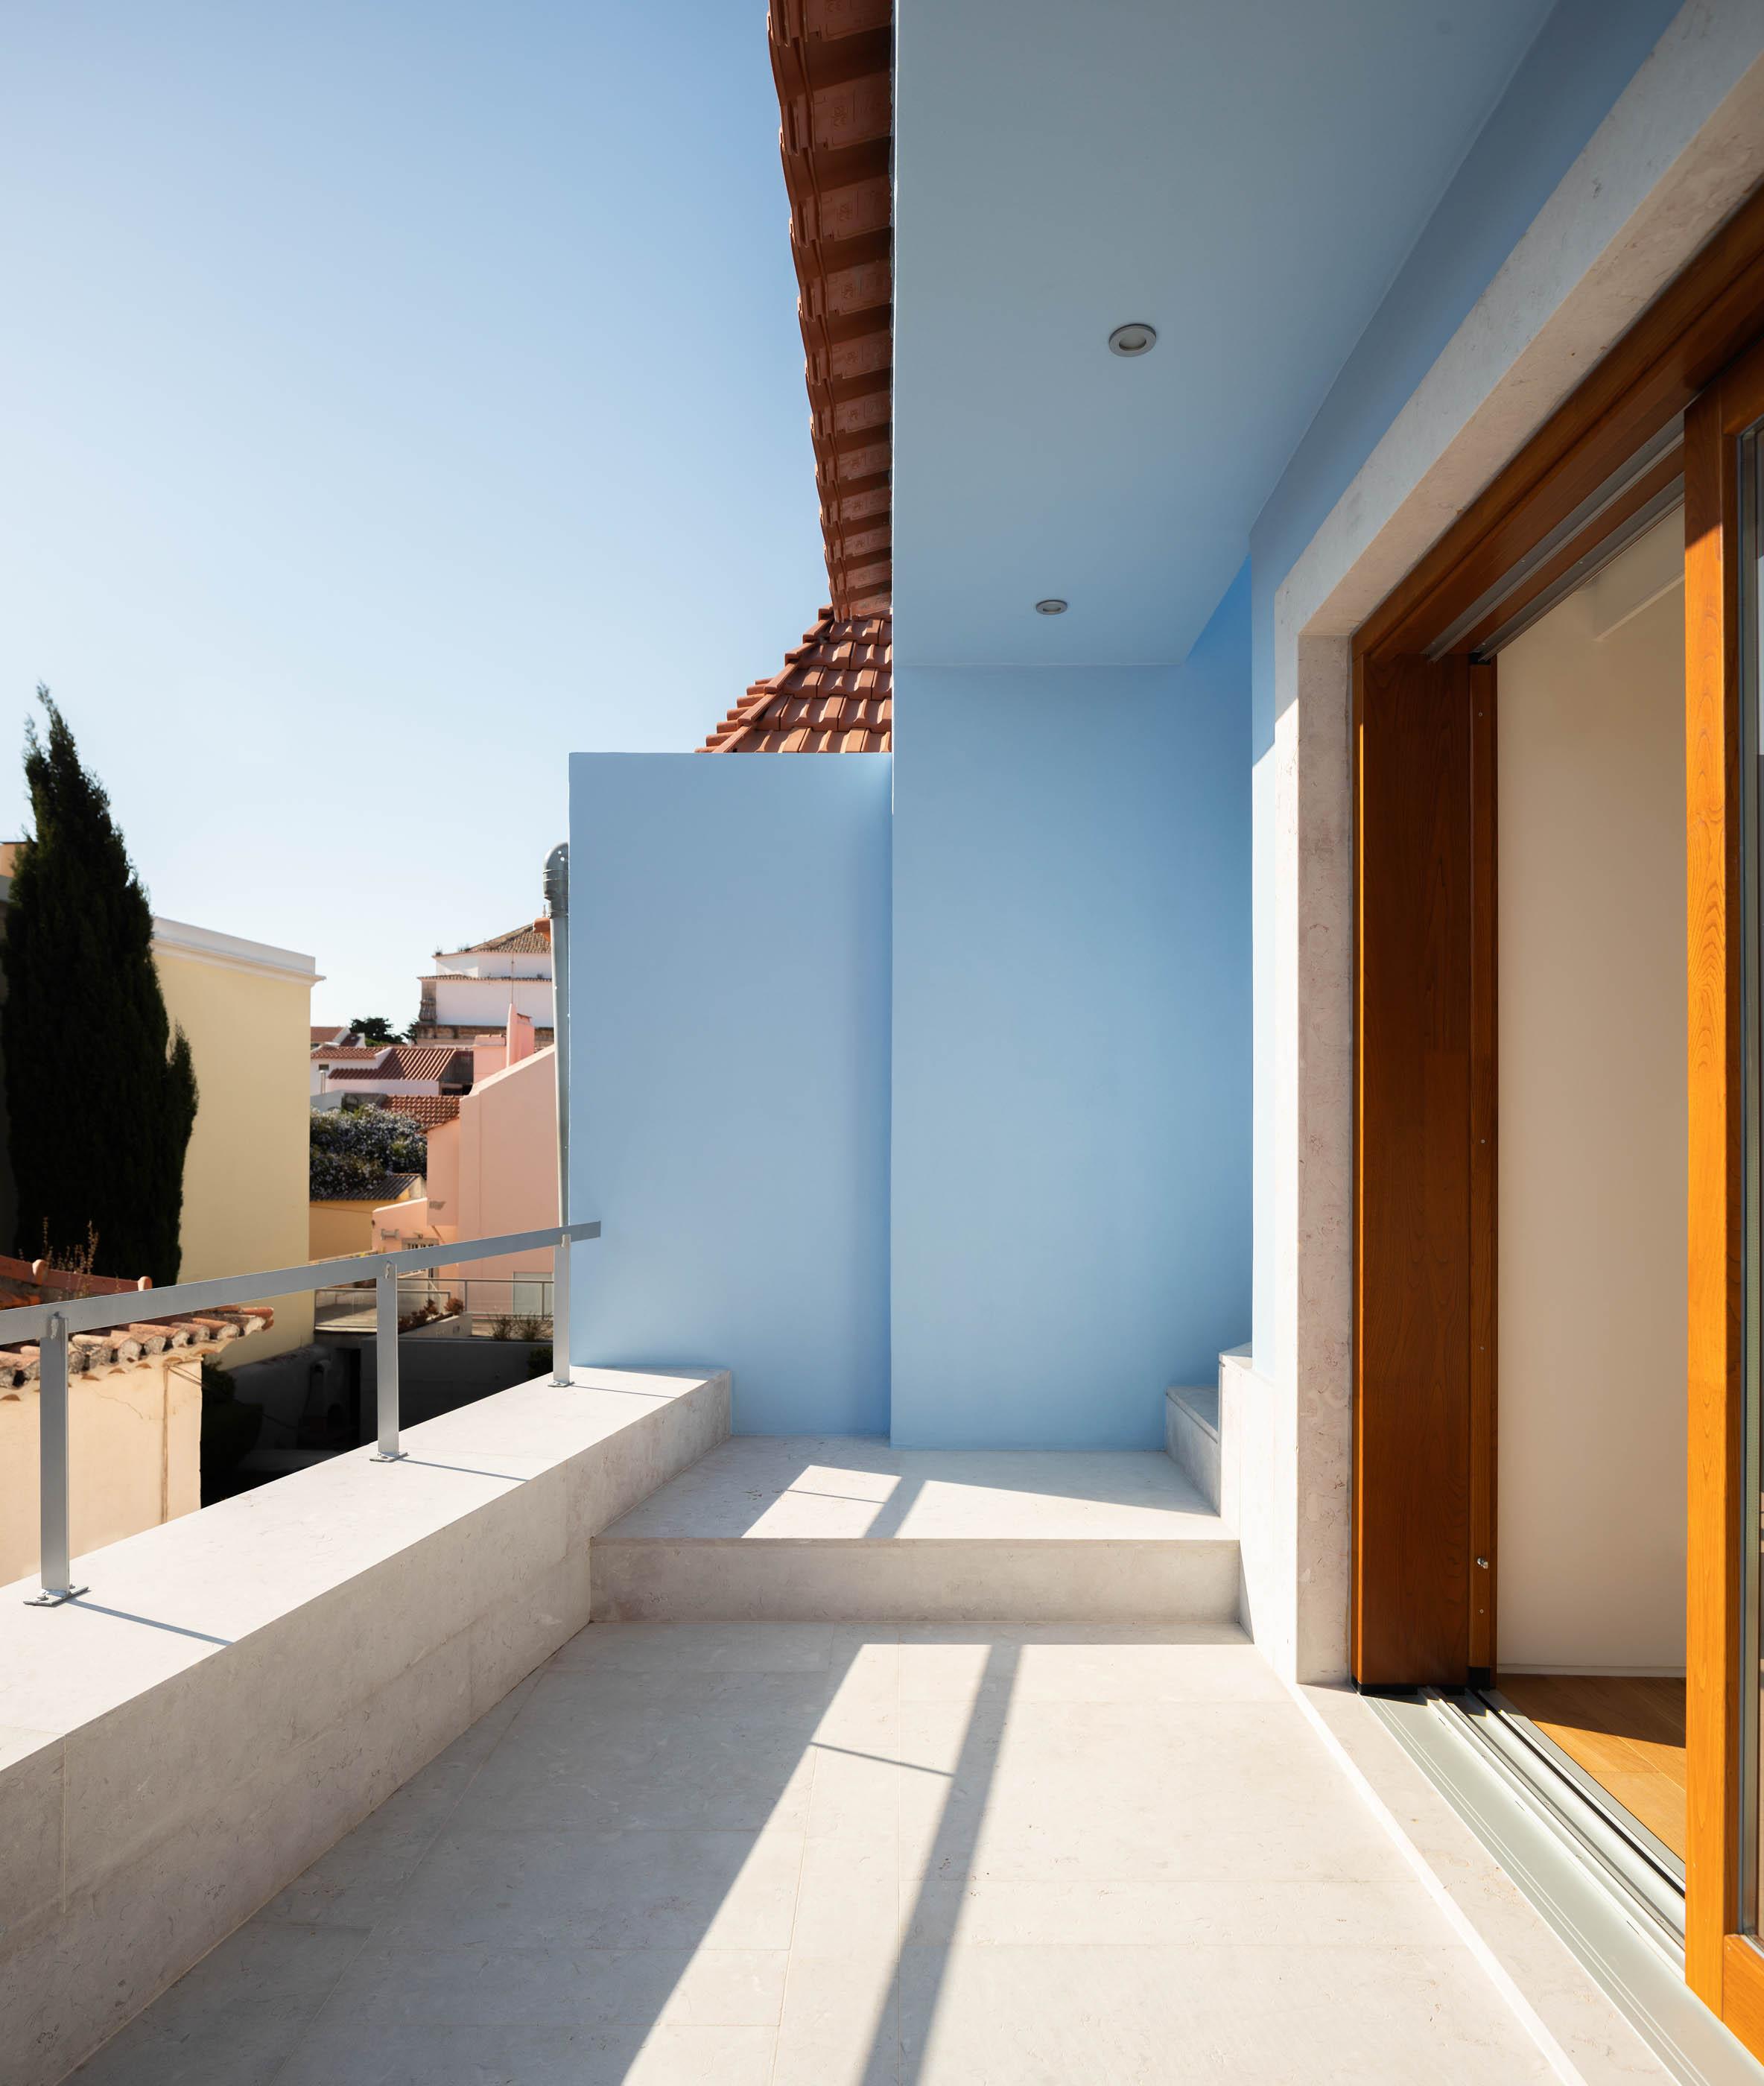 Casa Gd Em Cascais Do Atelier De Arquitetura Esquissos Arquitect do fotografo Ivo Tavares Studio